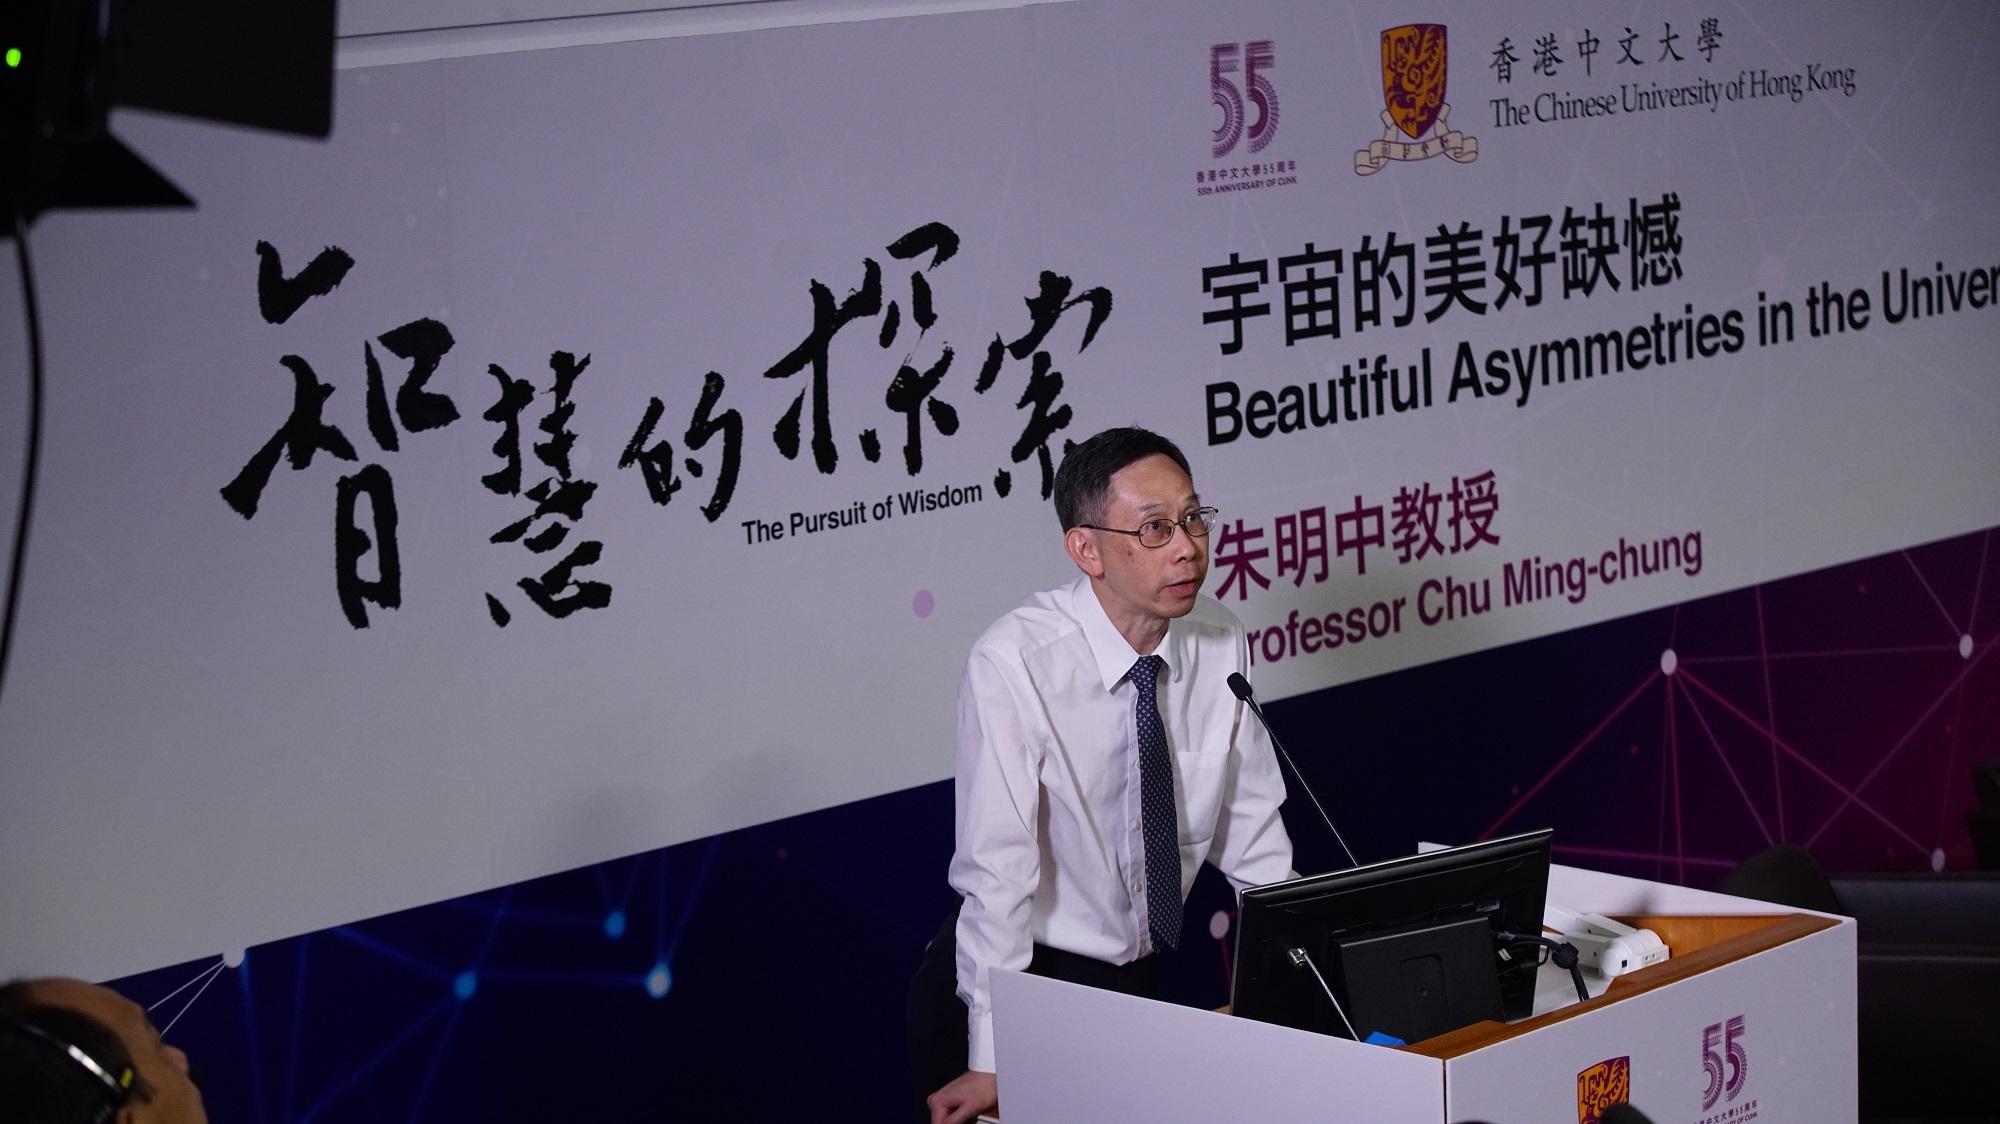 中大物理系朱明中教授,今天以「宇宙的美好缺憾」為題,主講第四場「智慧的探索」公開講座系列。